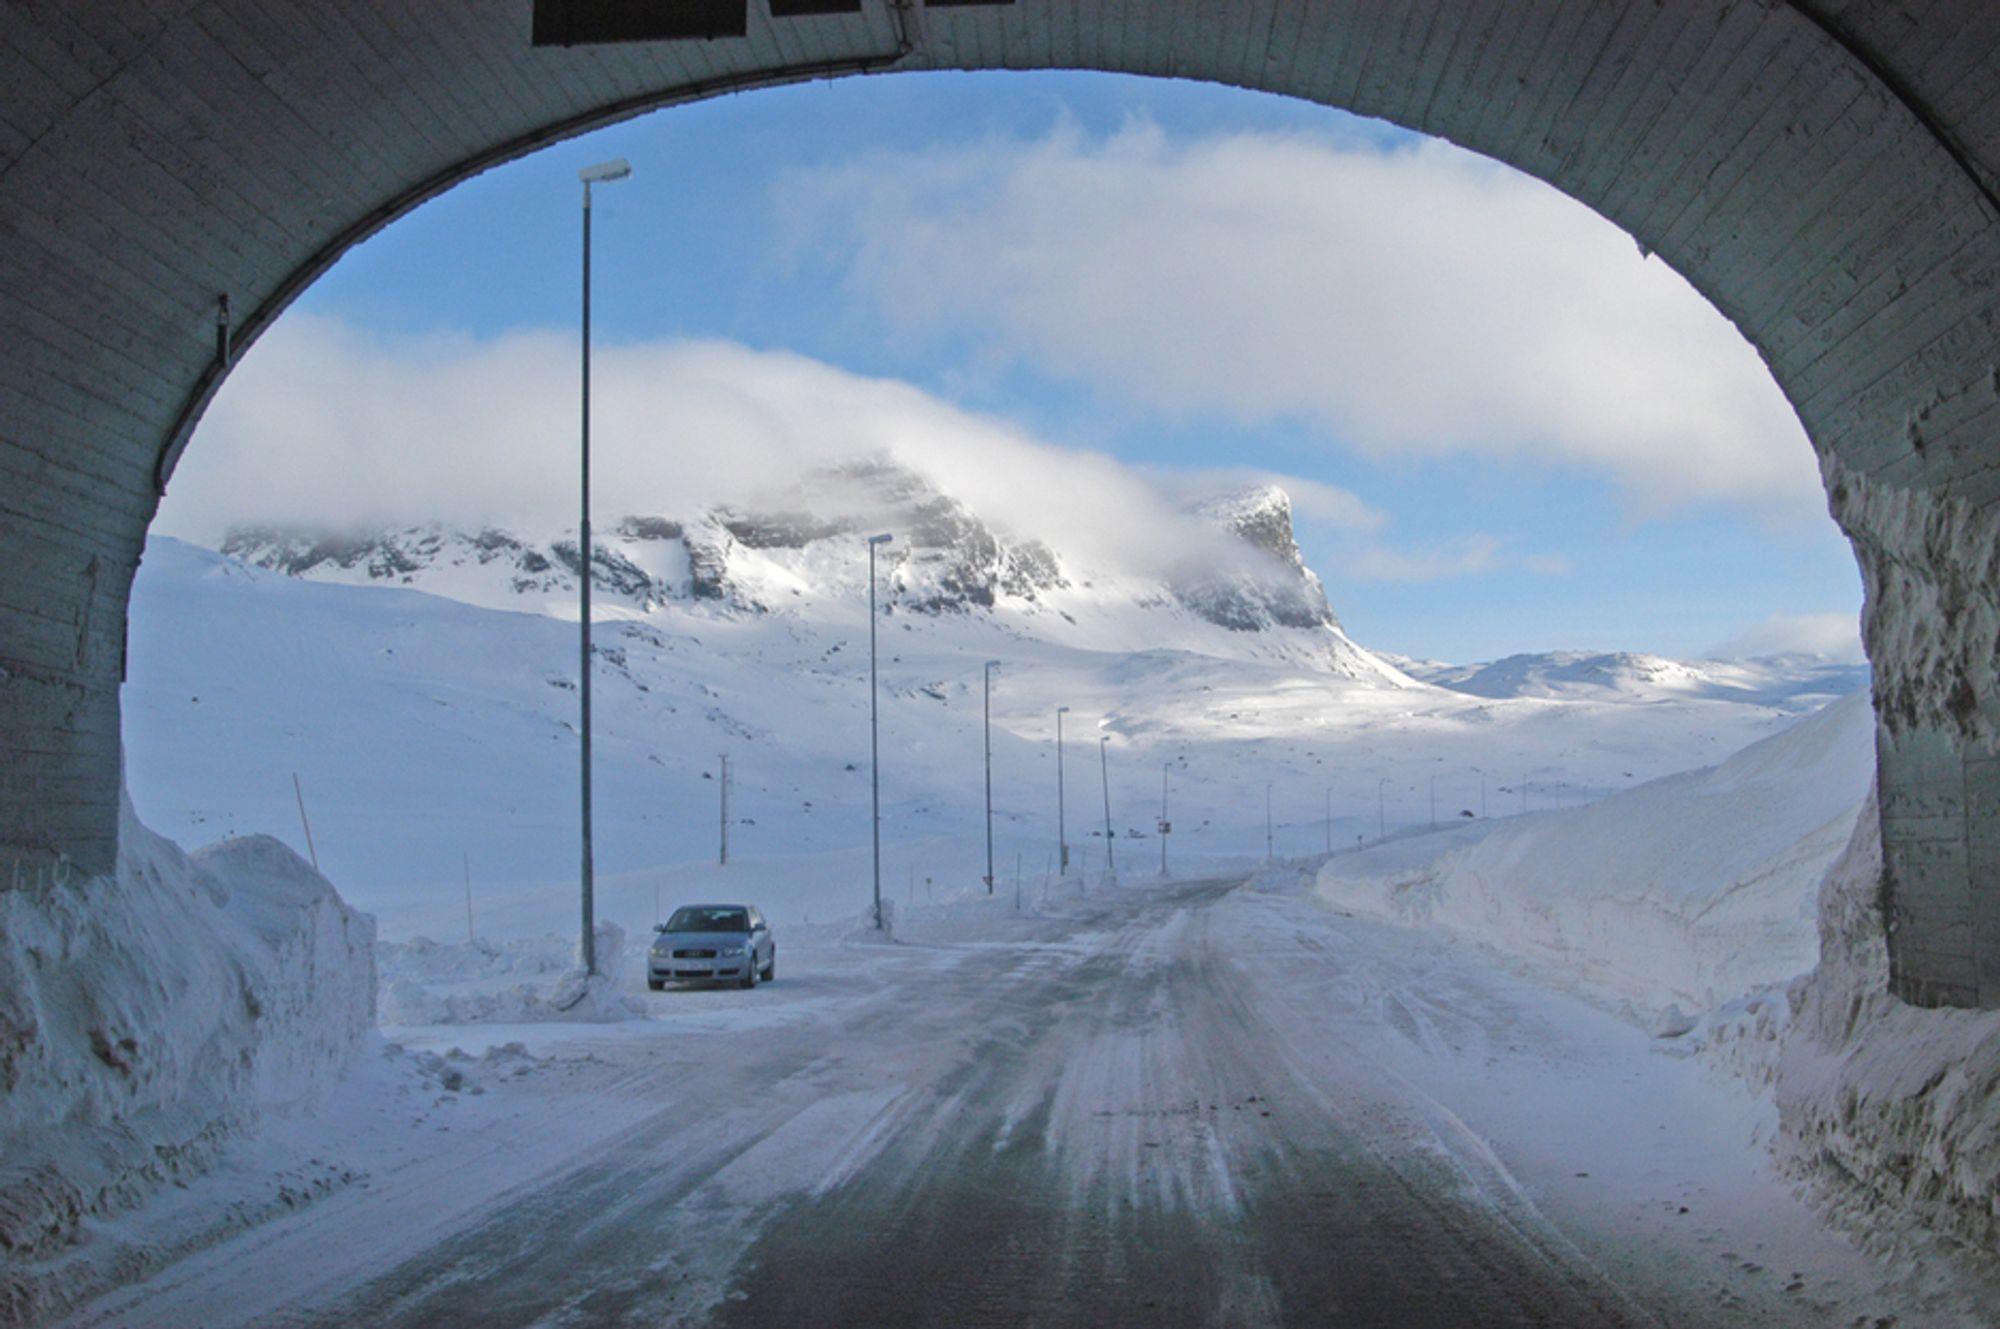 Inntil videre er Haukelitunnelen helt nødvendig for trafikkavviklingen på E 134. I juni skal den gamle vegen rundt tunnelen brøytes. Deretter blir den brukt som omkjøringsveg så lenge arbeidet i tunnelen pågår. (Foto: Kjell Wold, Statens vegvesen)